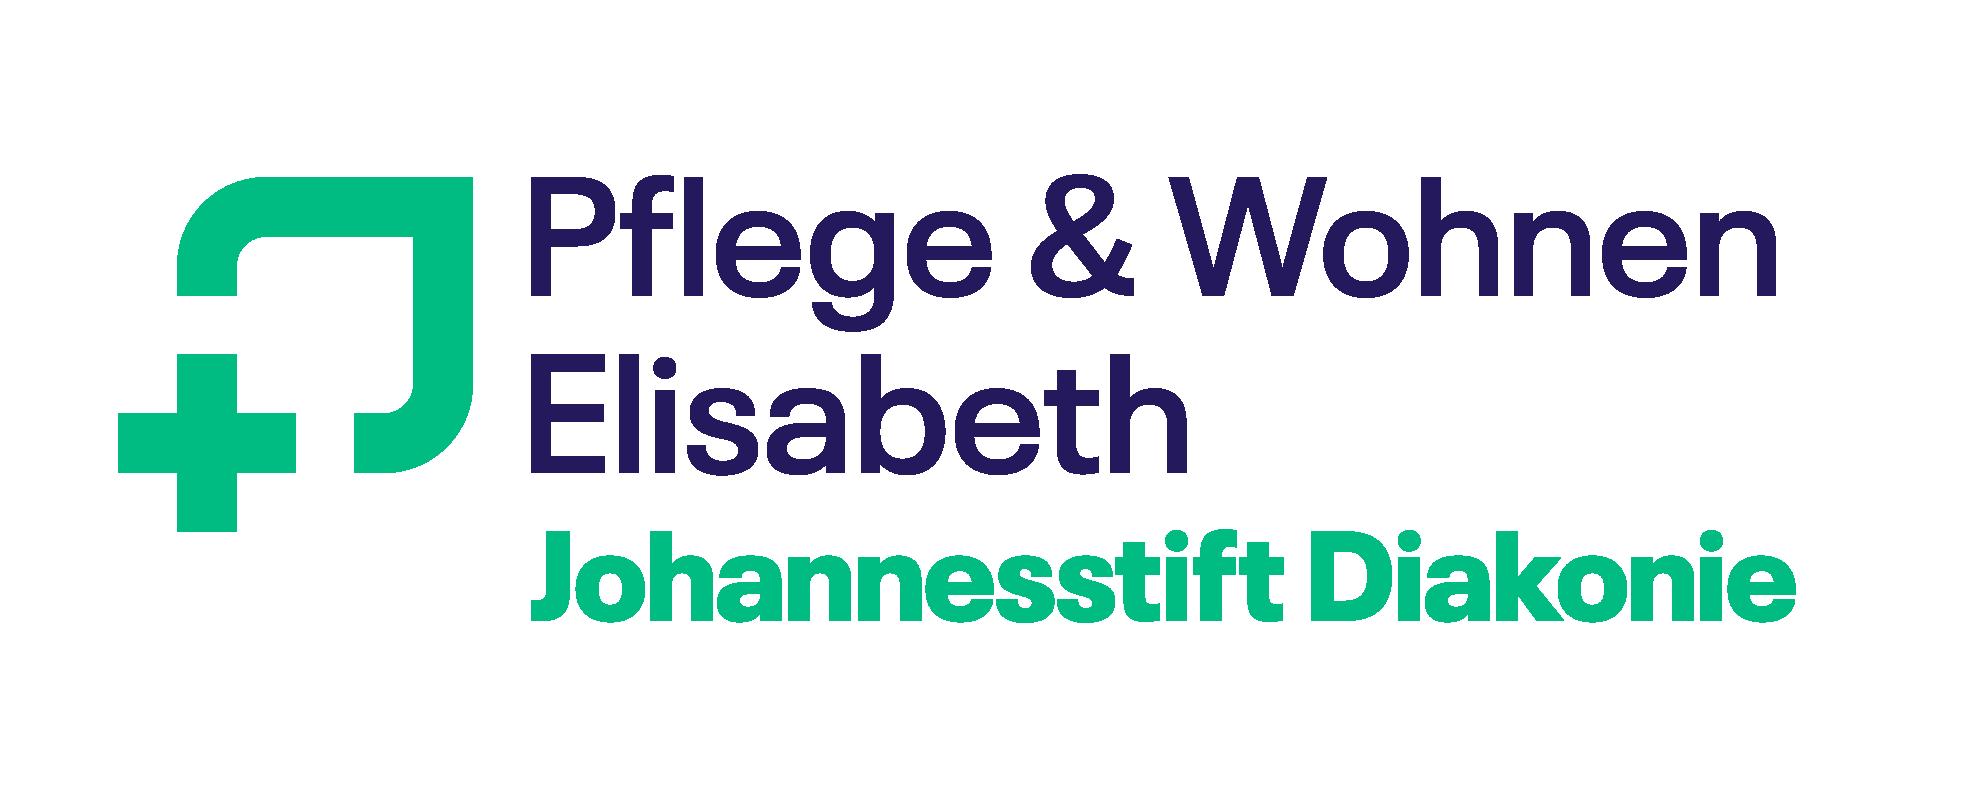 Logo: Pflege & Wohnen Elisabeth